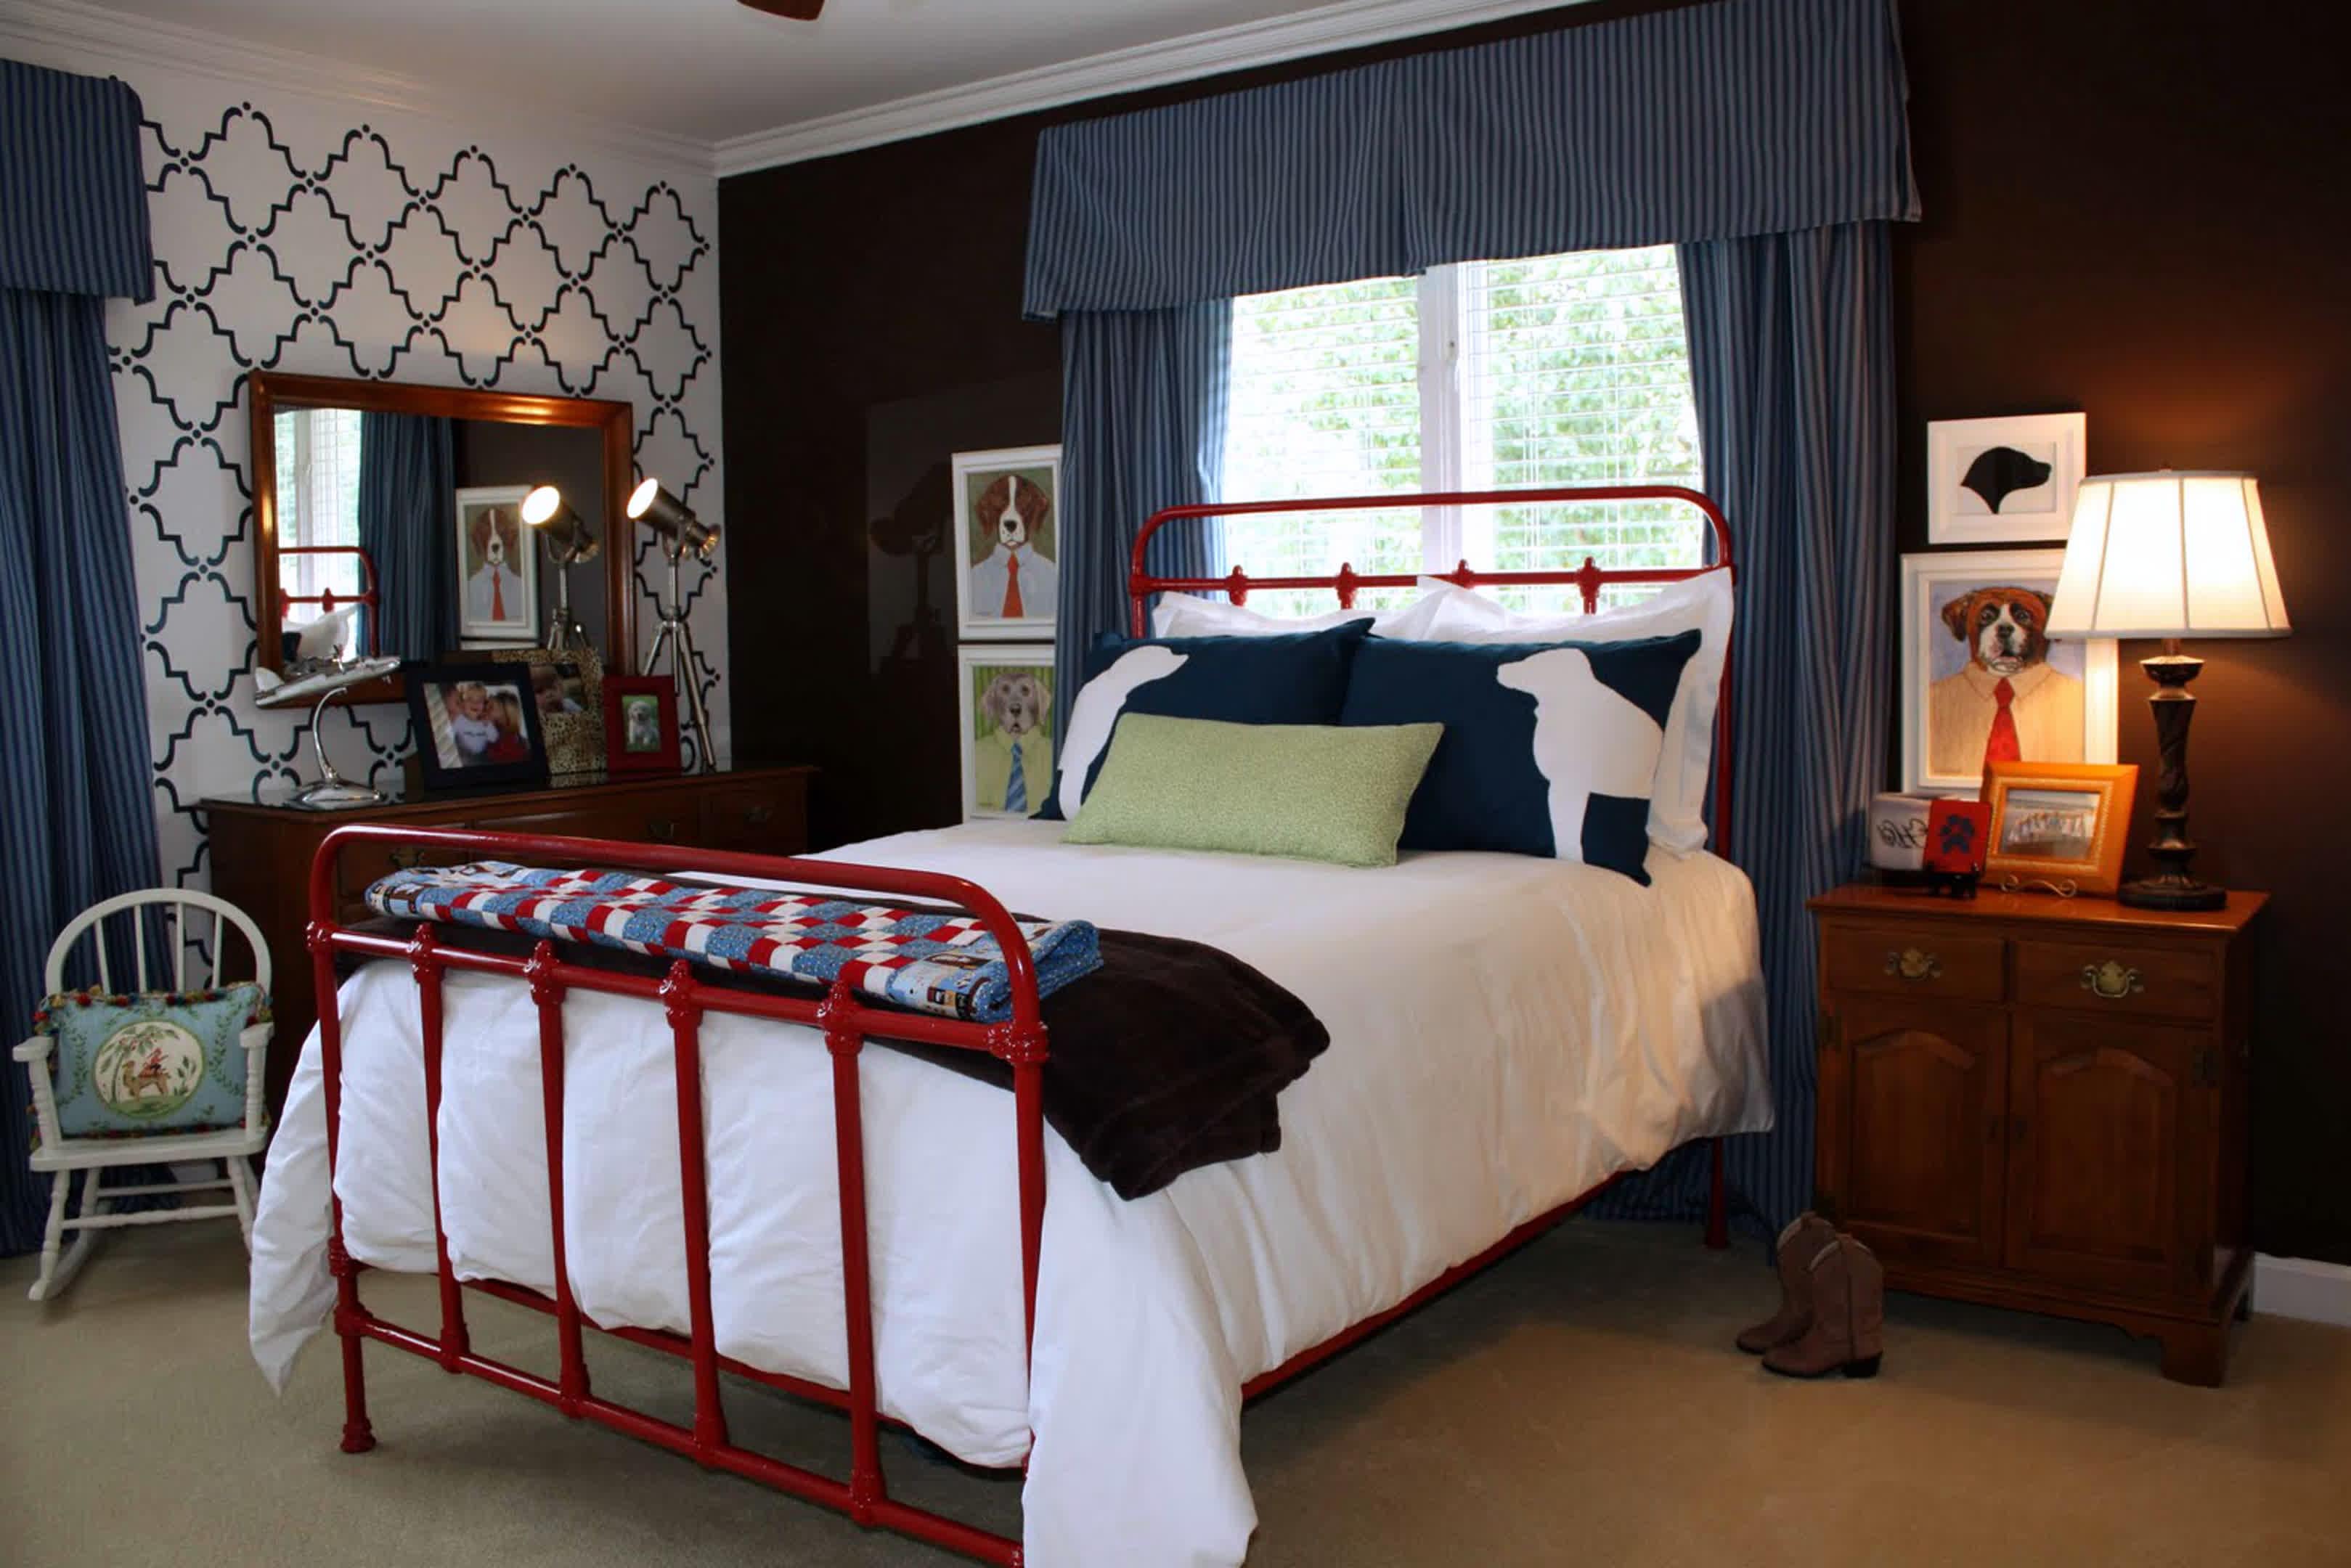 simple-boys-værelses-design-med-rød-poleret stål-seng-frame-og-cool-blå-striber-værelses-gardin-plus-brun-lakeret-eg-natbord-under-kogler-seng-lampe- også-smukke-espalier-mønstrede-tapet